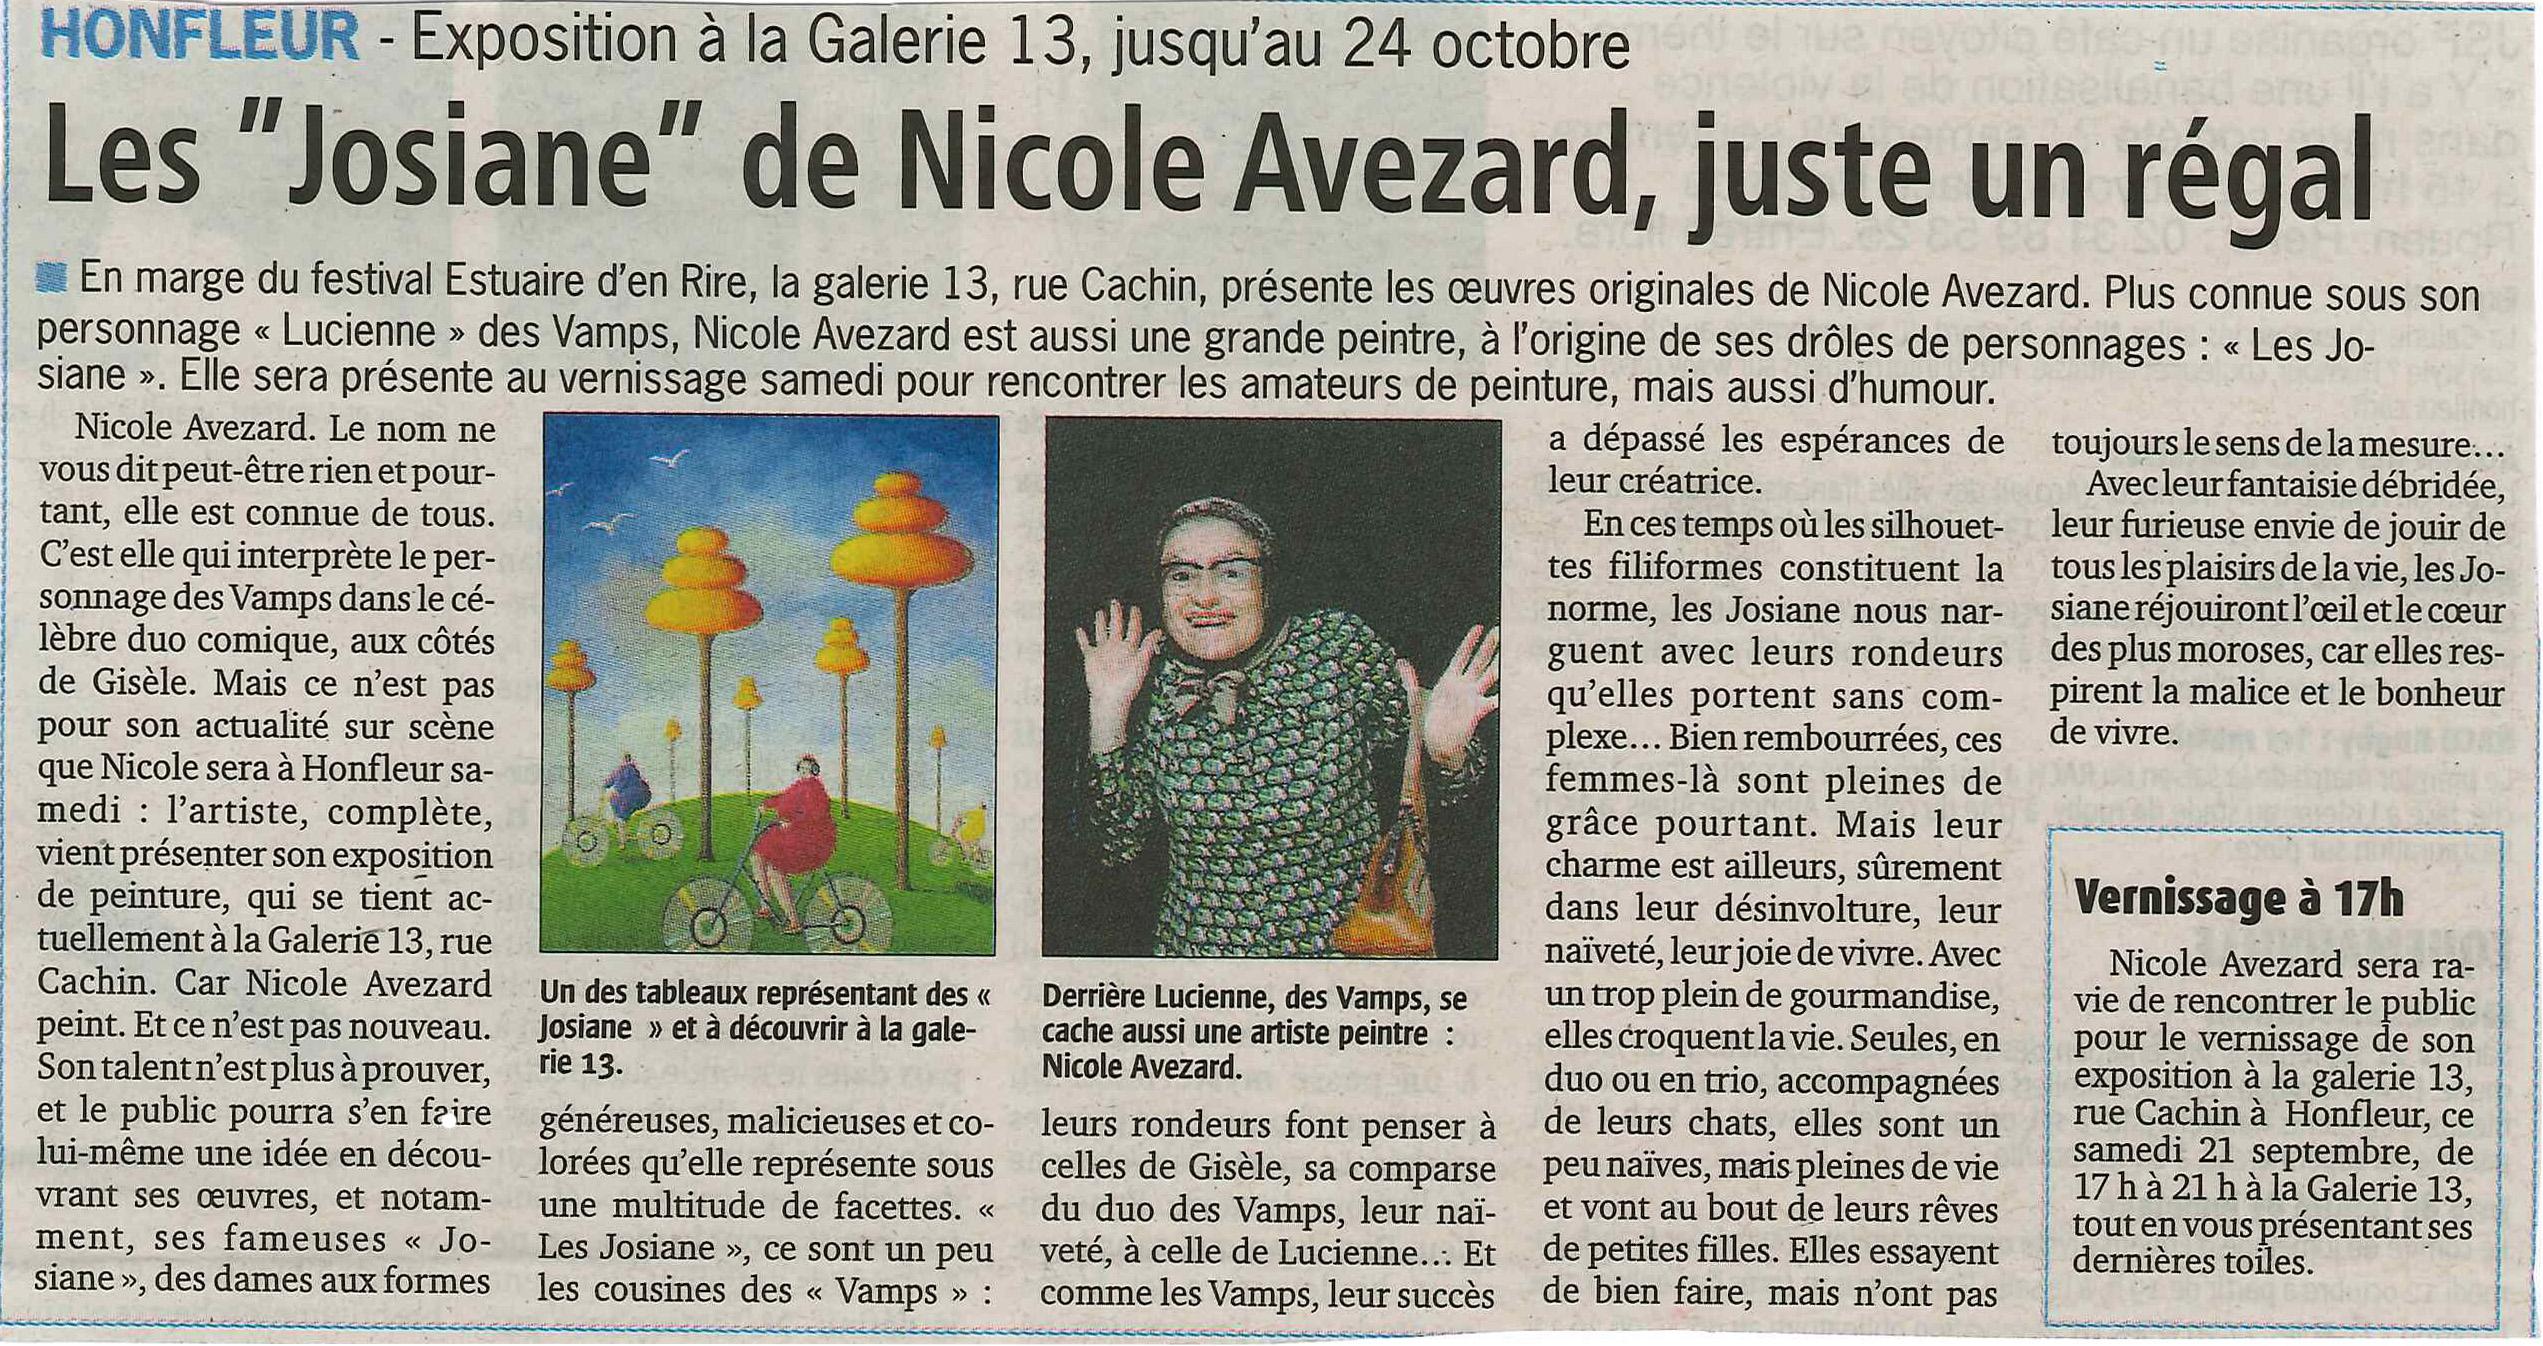 Presse N.Avezard Honfleur (1)